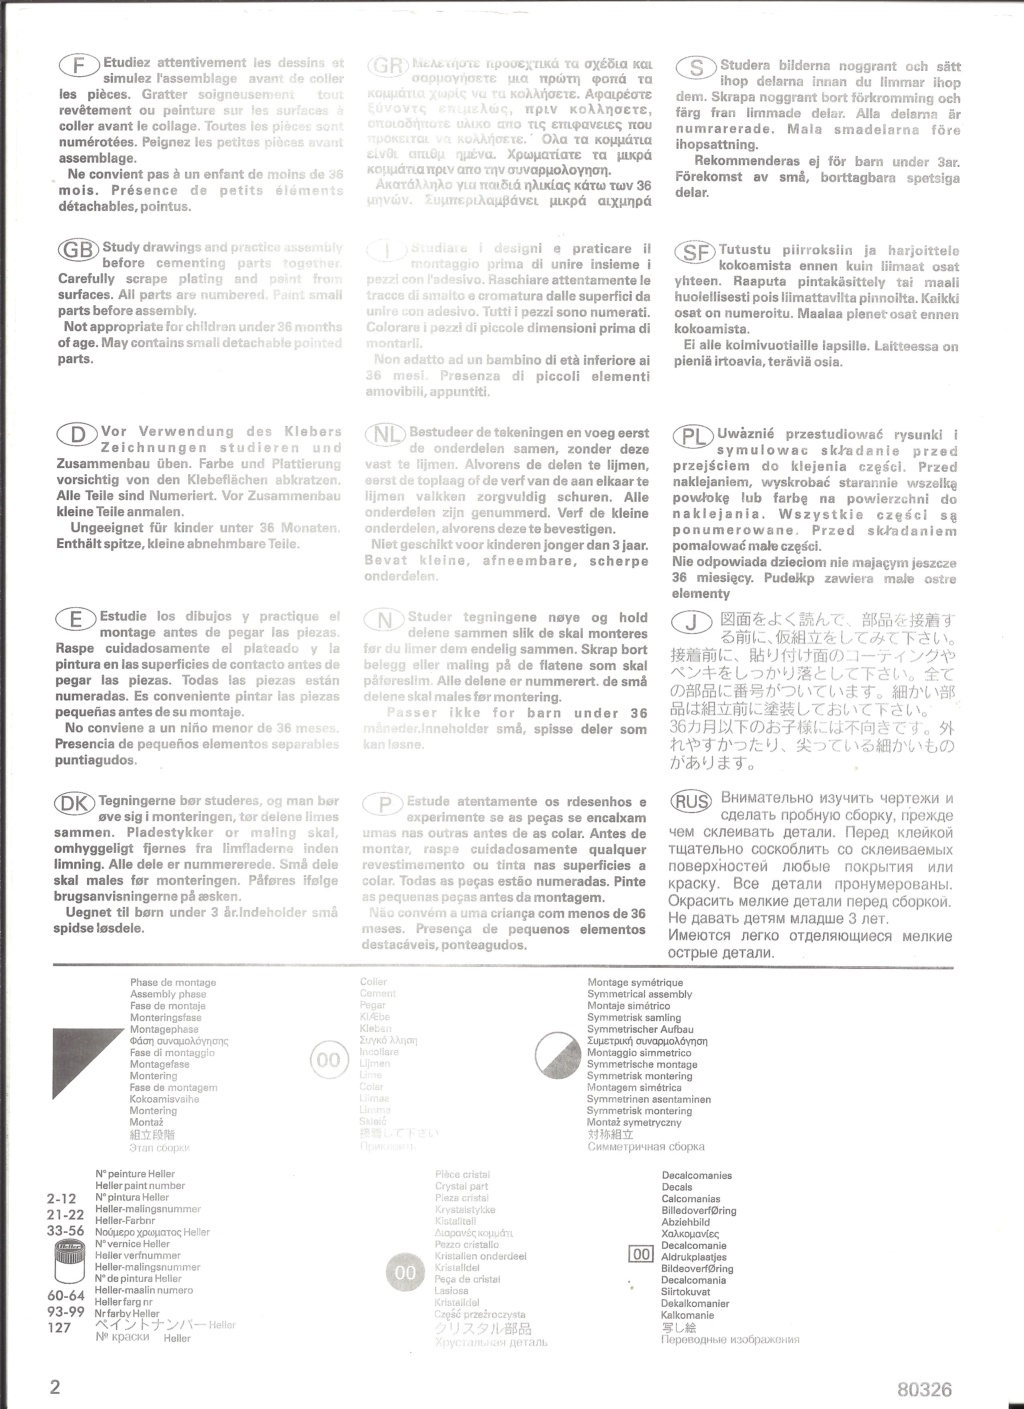 CRUSADER - LING TEMCO VOUGHT F-8P  CRUSADER 1/72ème Réf 80326 Helle535